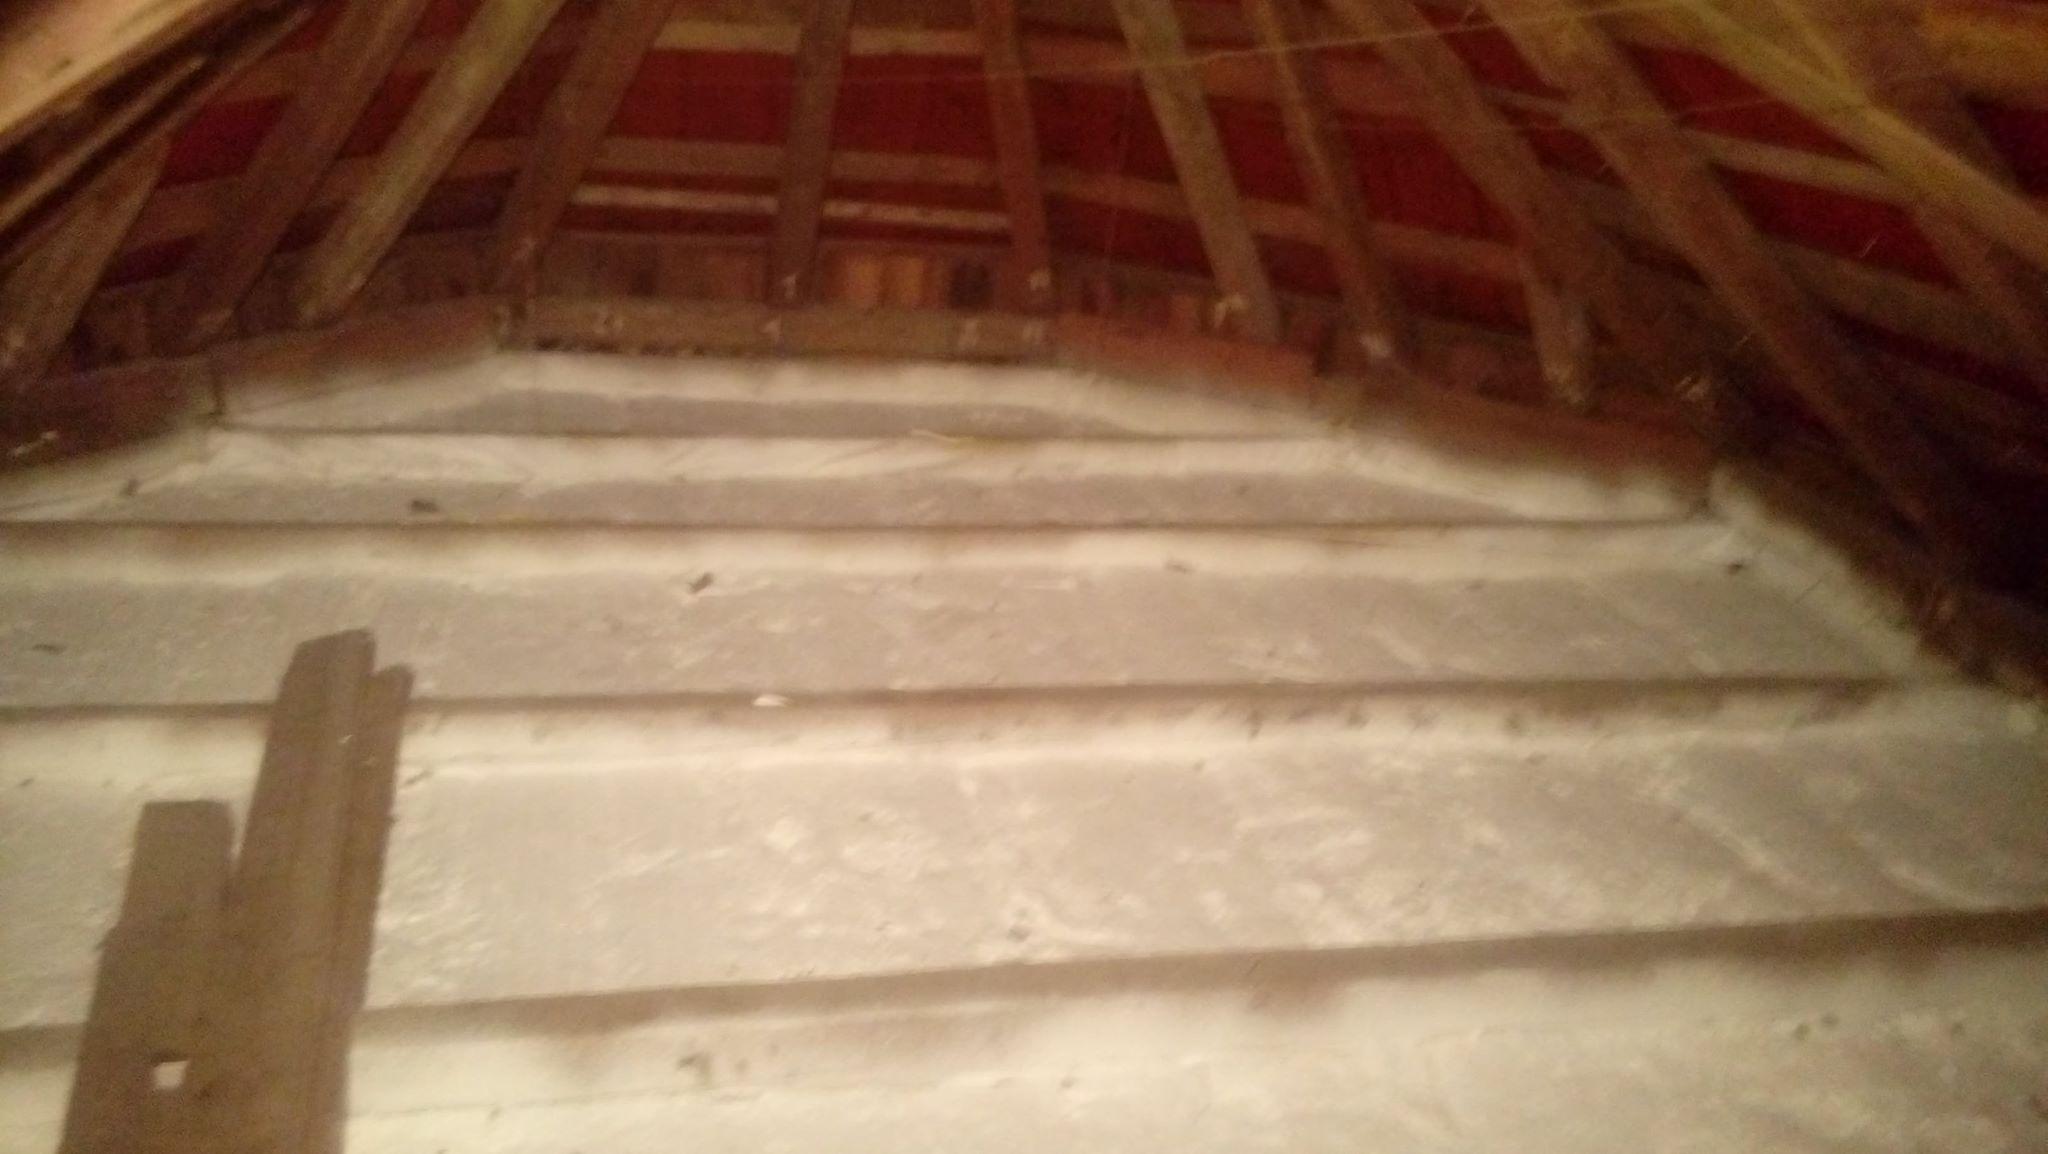 Zabezpieczenie i odizolowanie powierzchni wewnątrz budynku